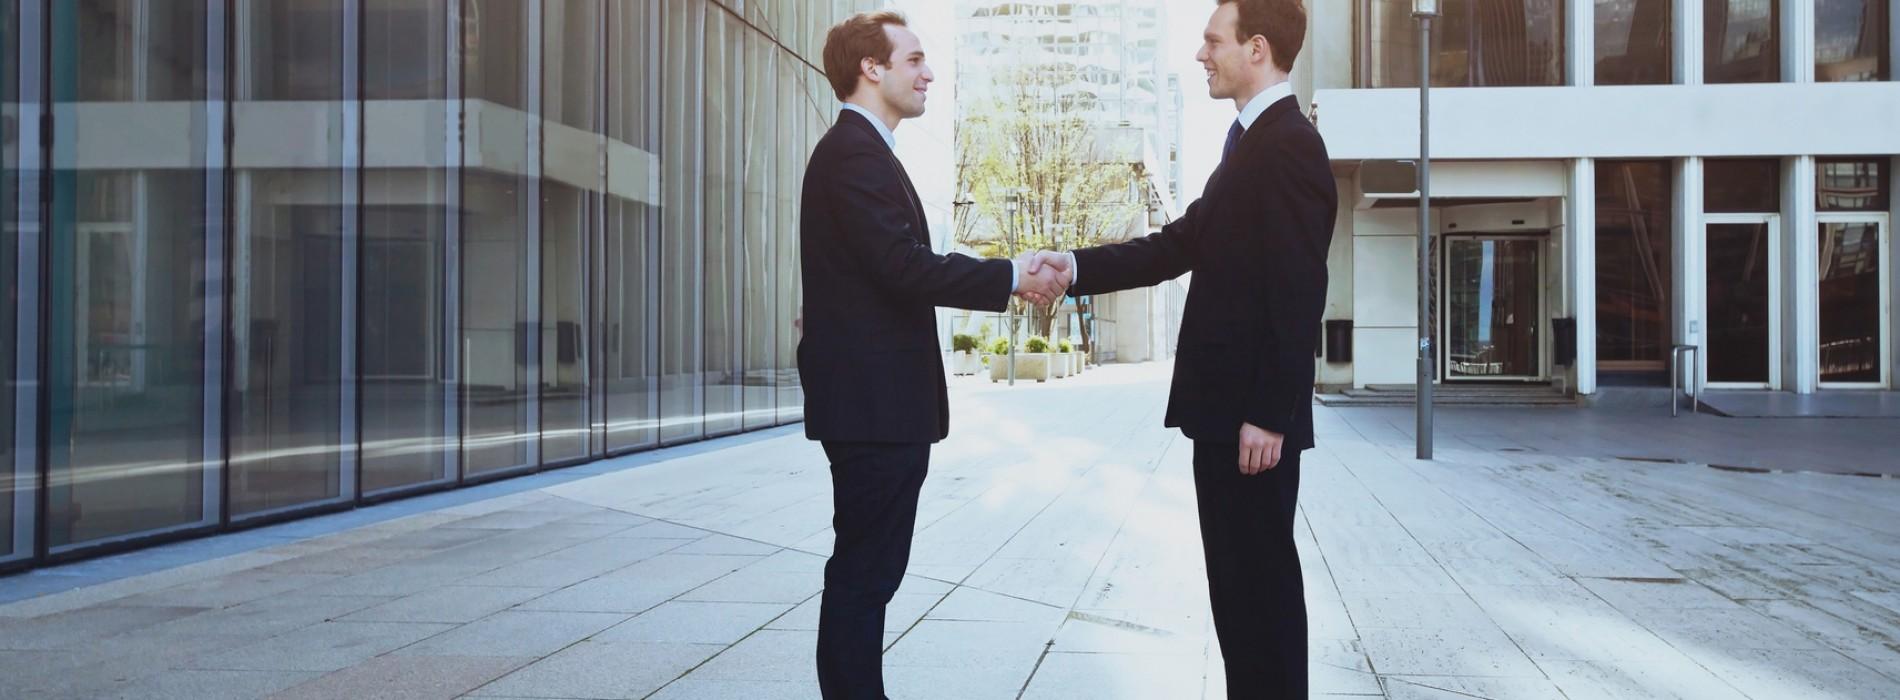 Każdy pracownik jest PR-owcem, czyli największe grzechy komunikacji wewnętrznej